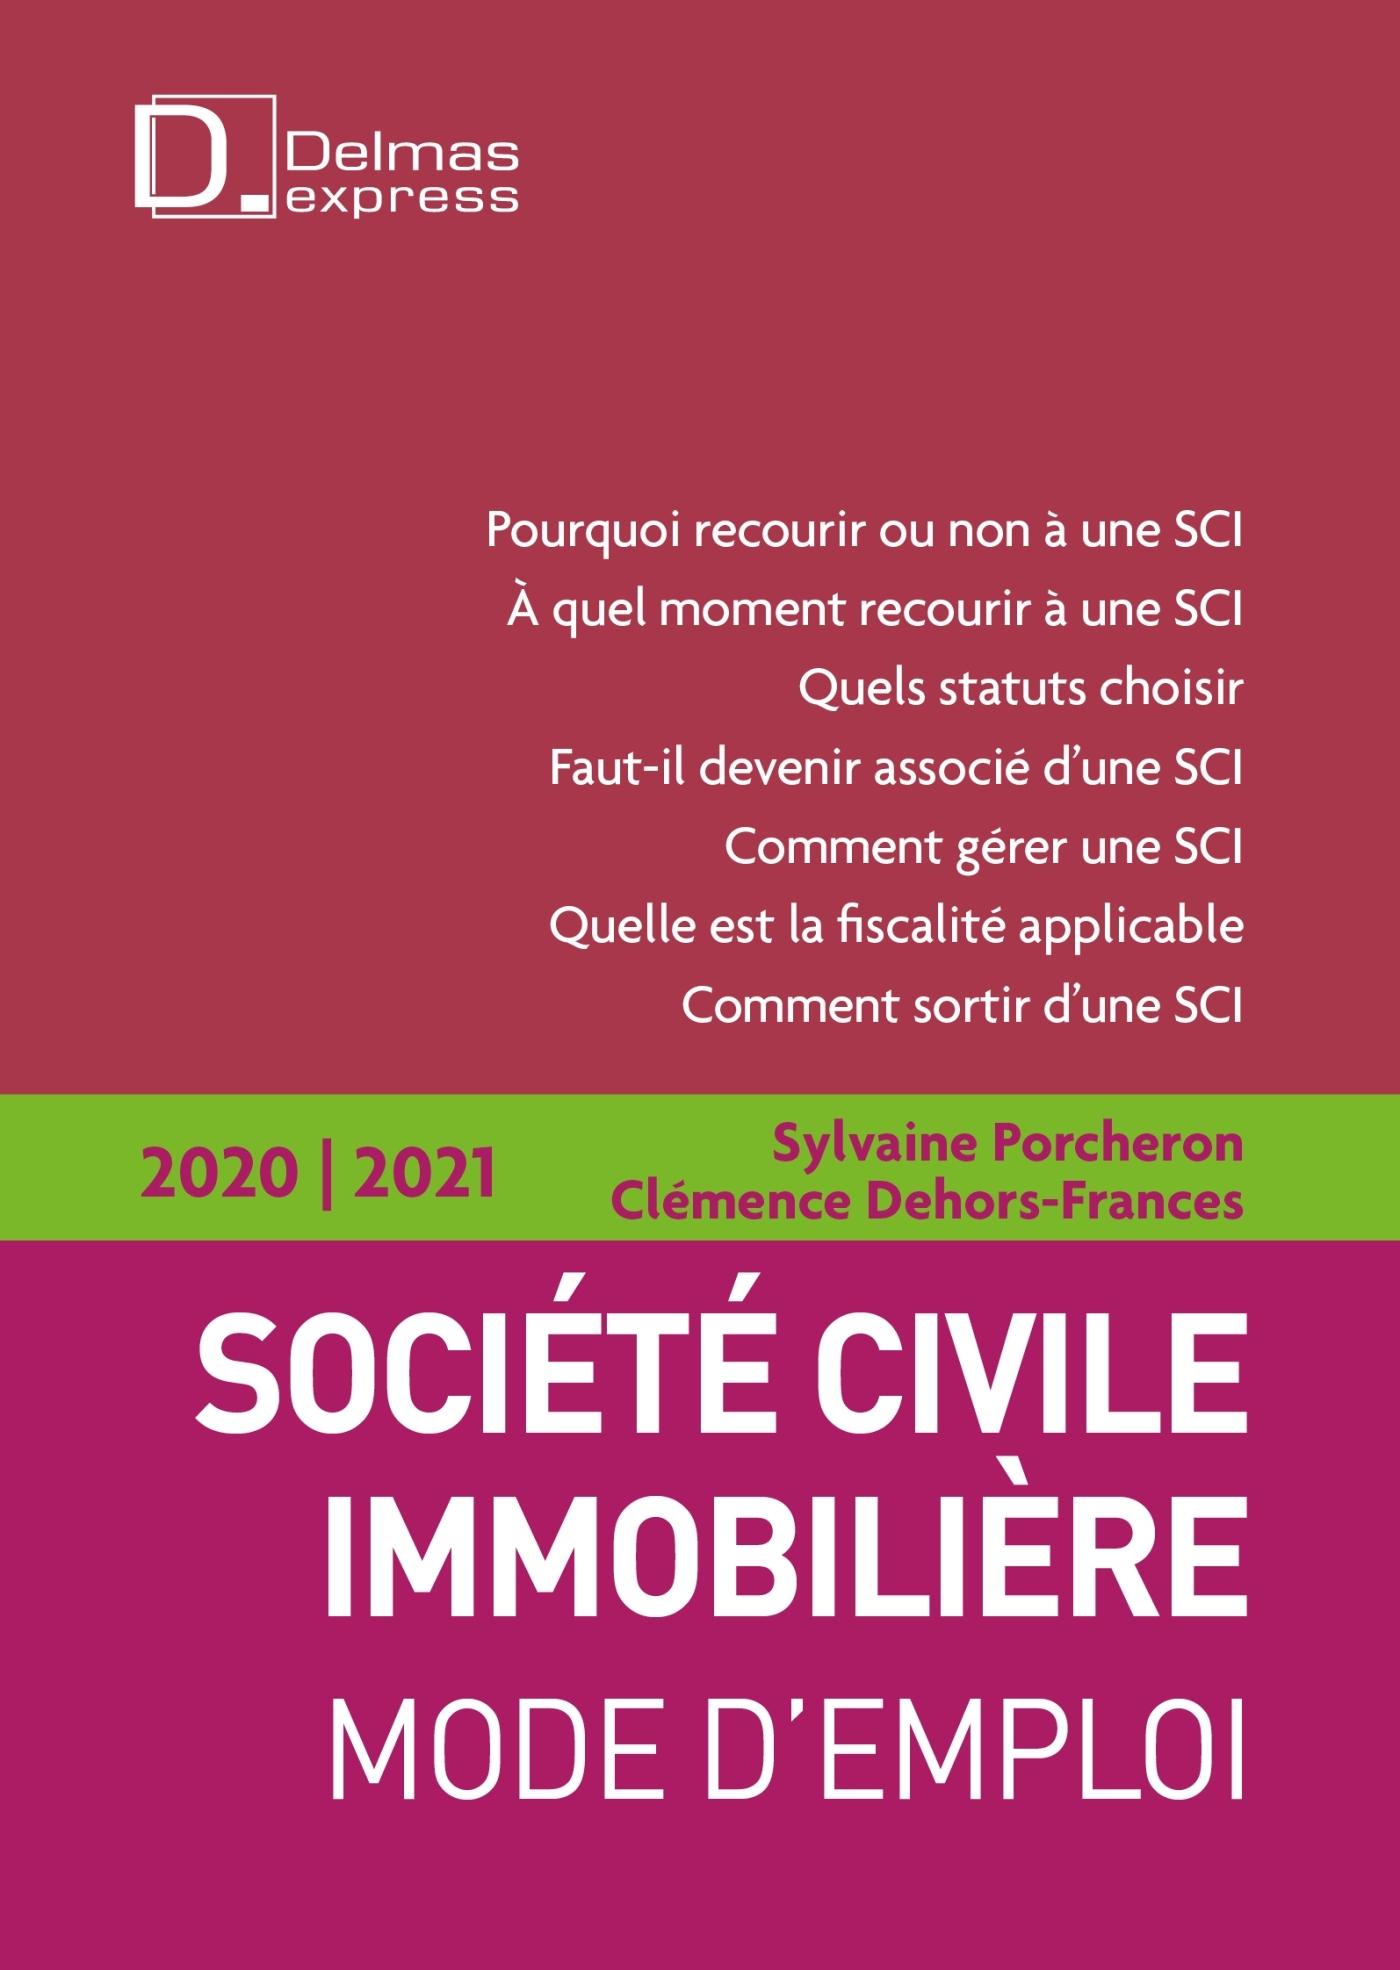 SOCIETE CIVILE IMMOBILIERE 2020/21 - 2E ED. - MODE D'EMPLOI